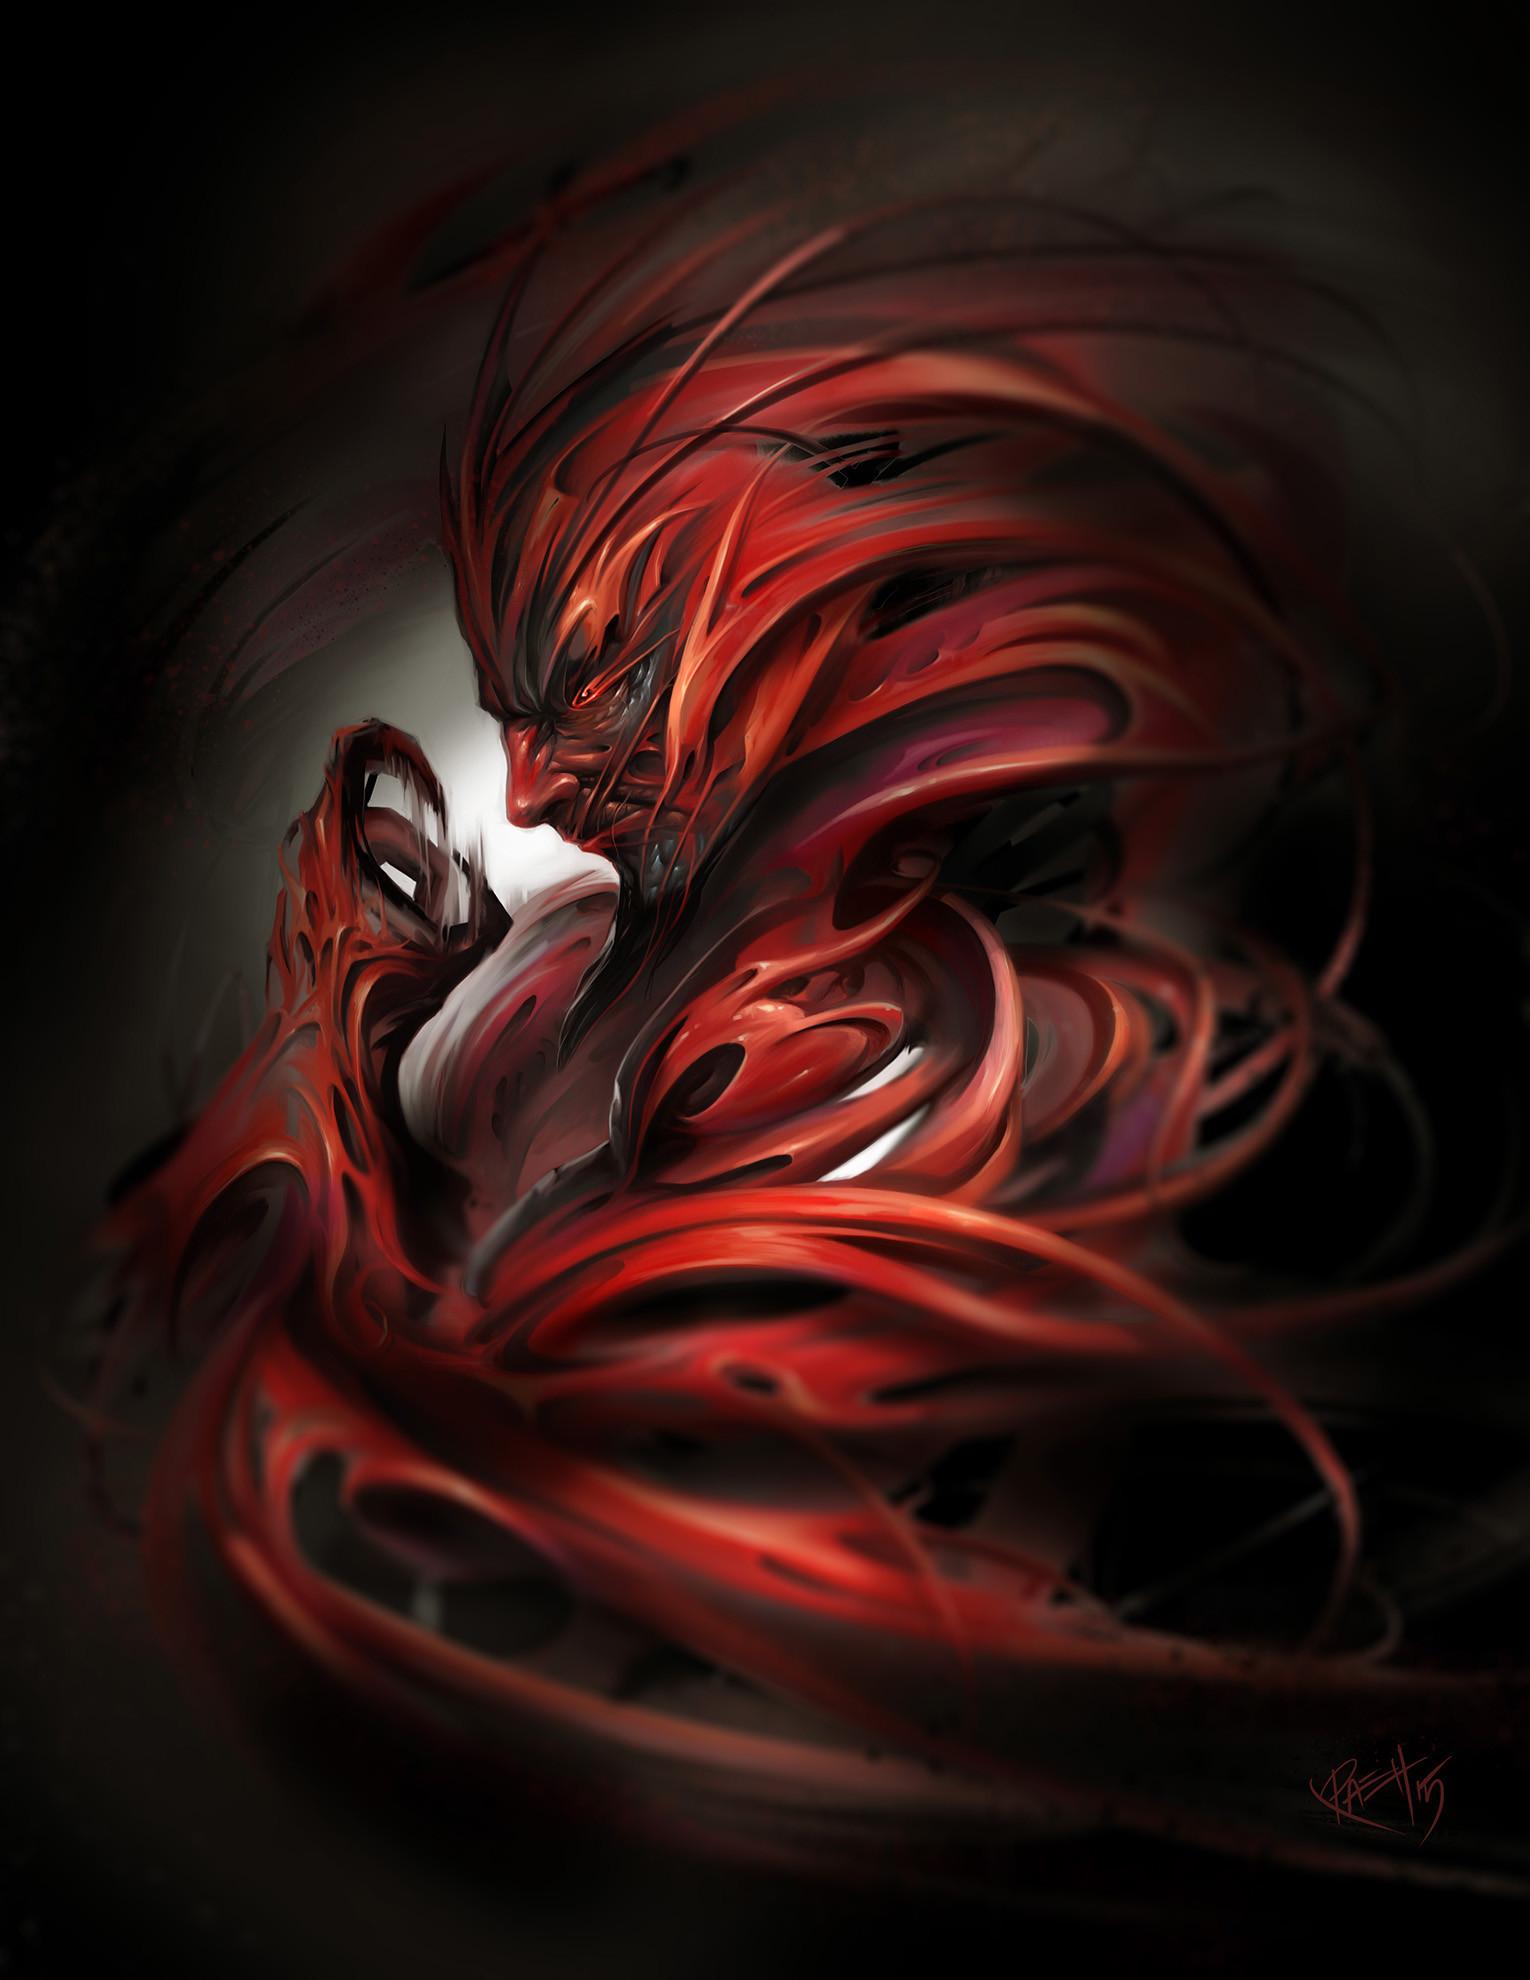 Картинки черно красные демонов